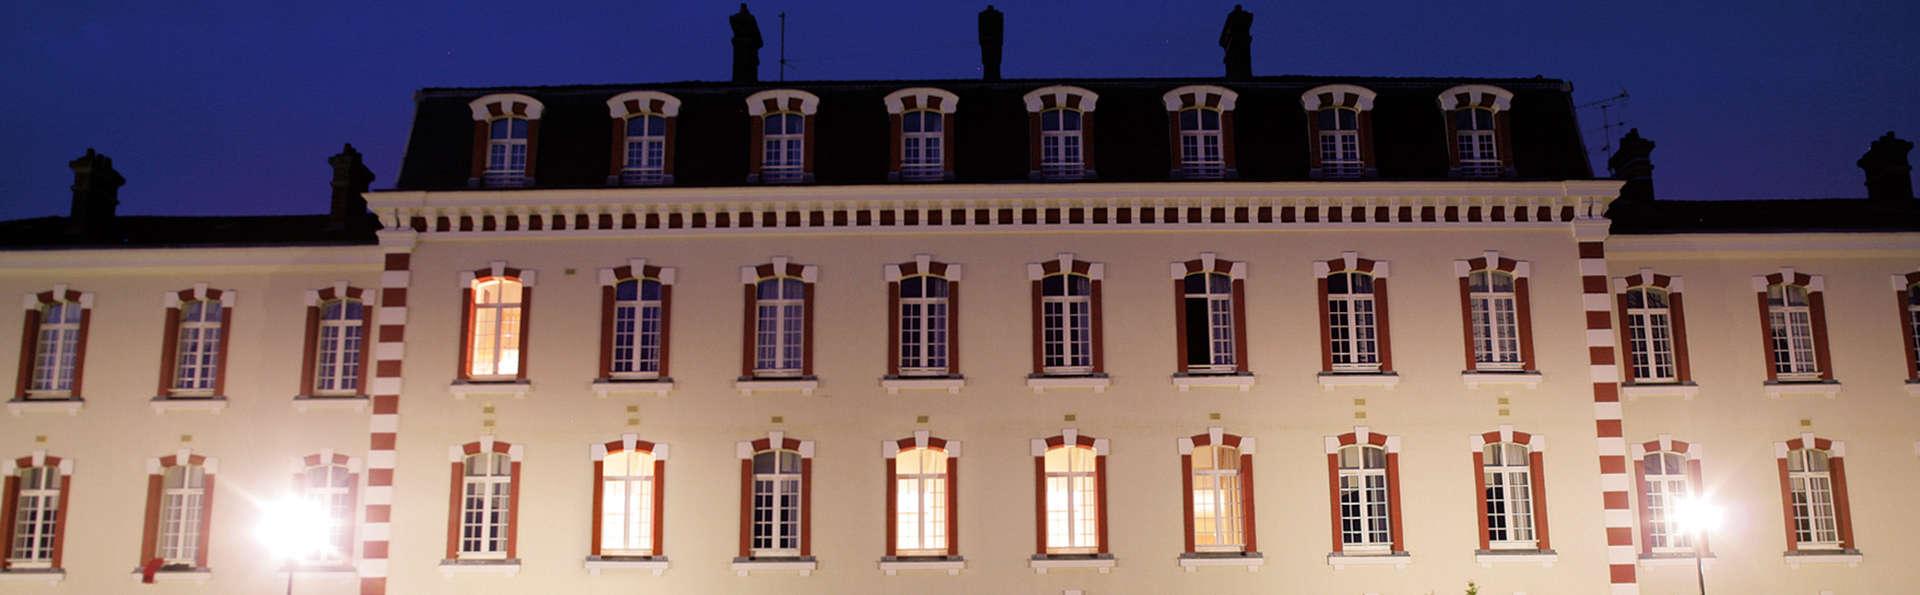 Vacancéole - Les Demeures Champenoises  - Edit_Front.jpg